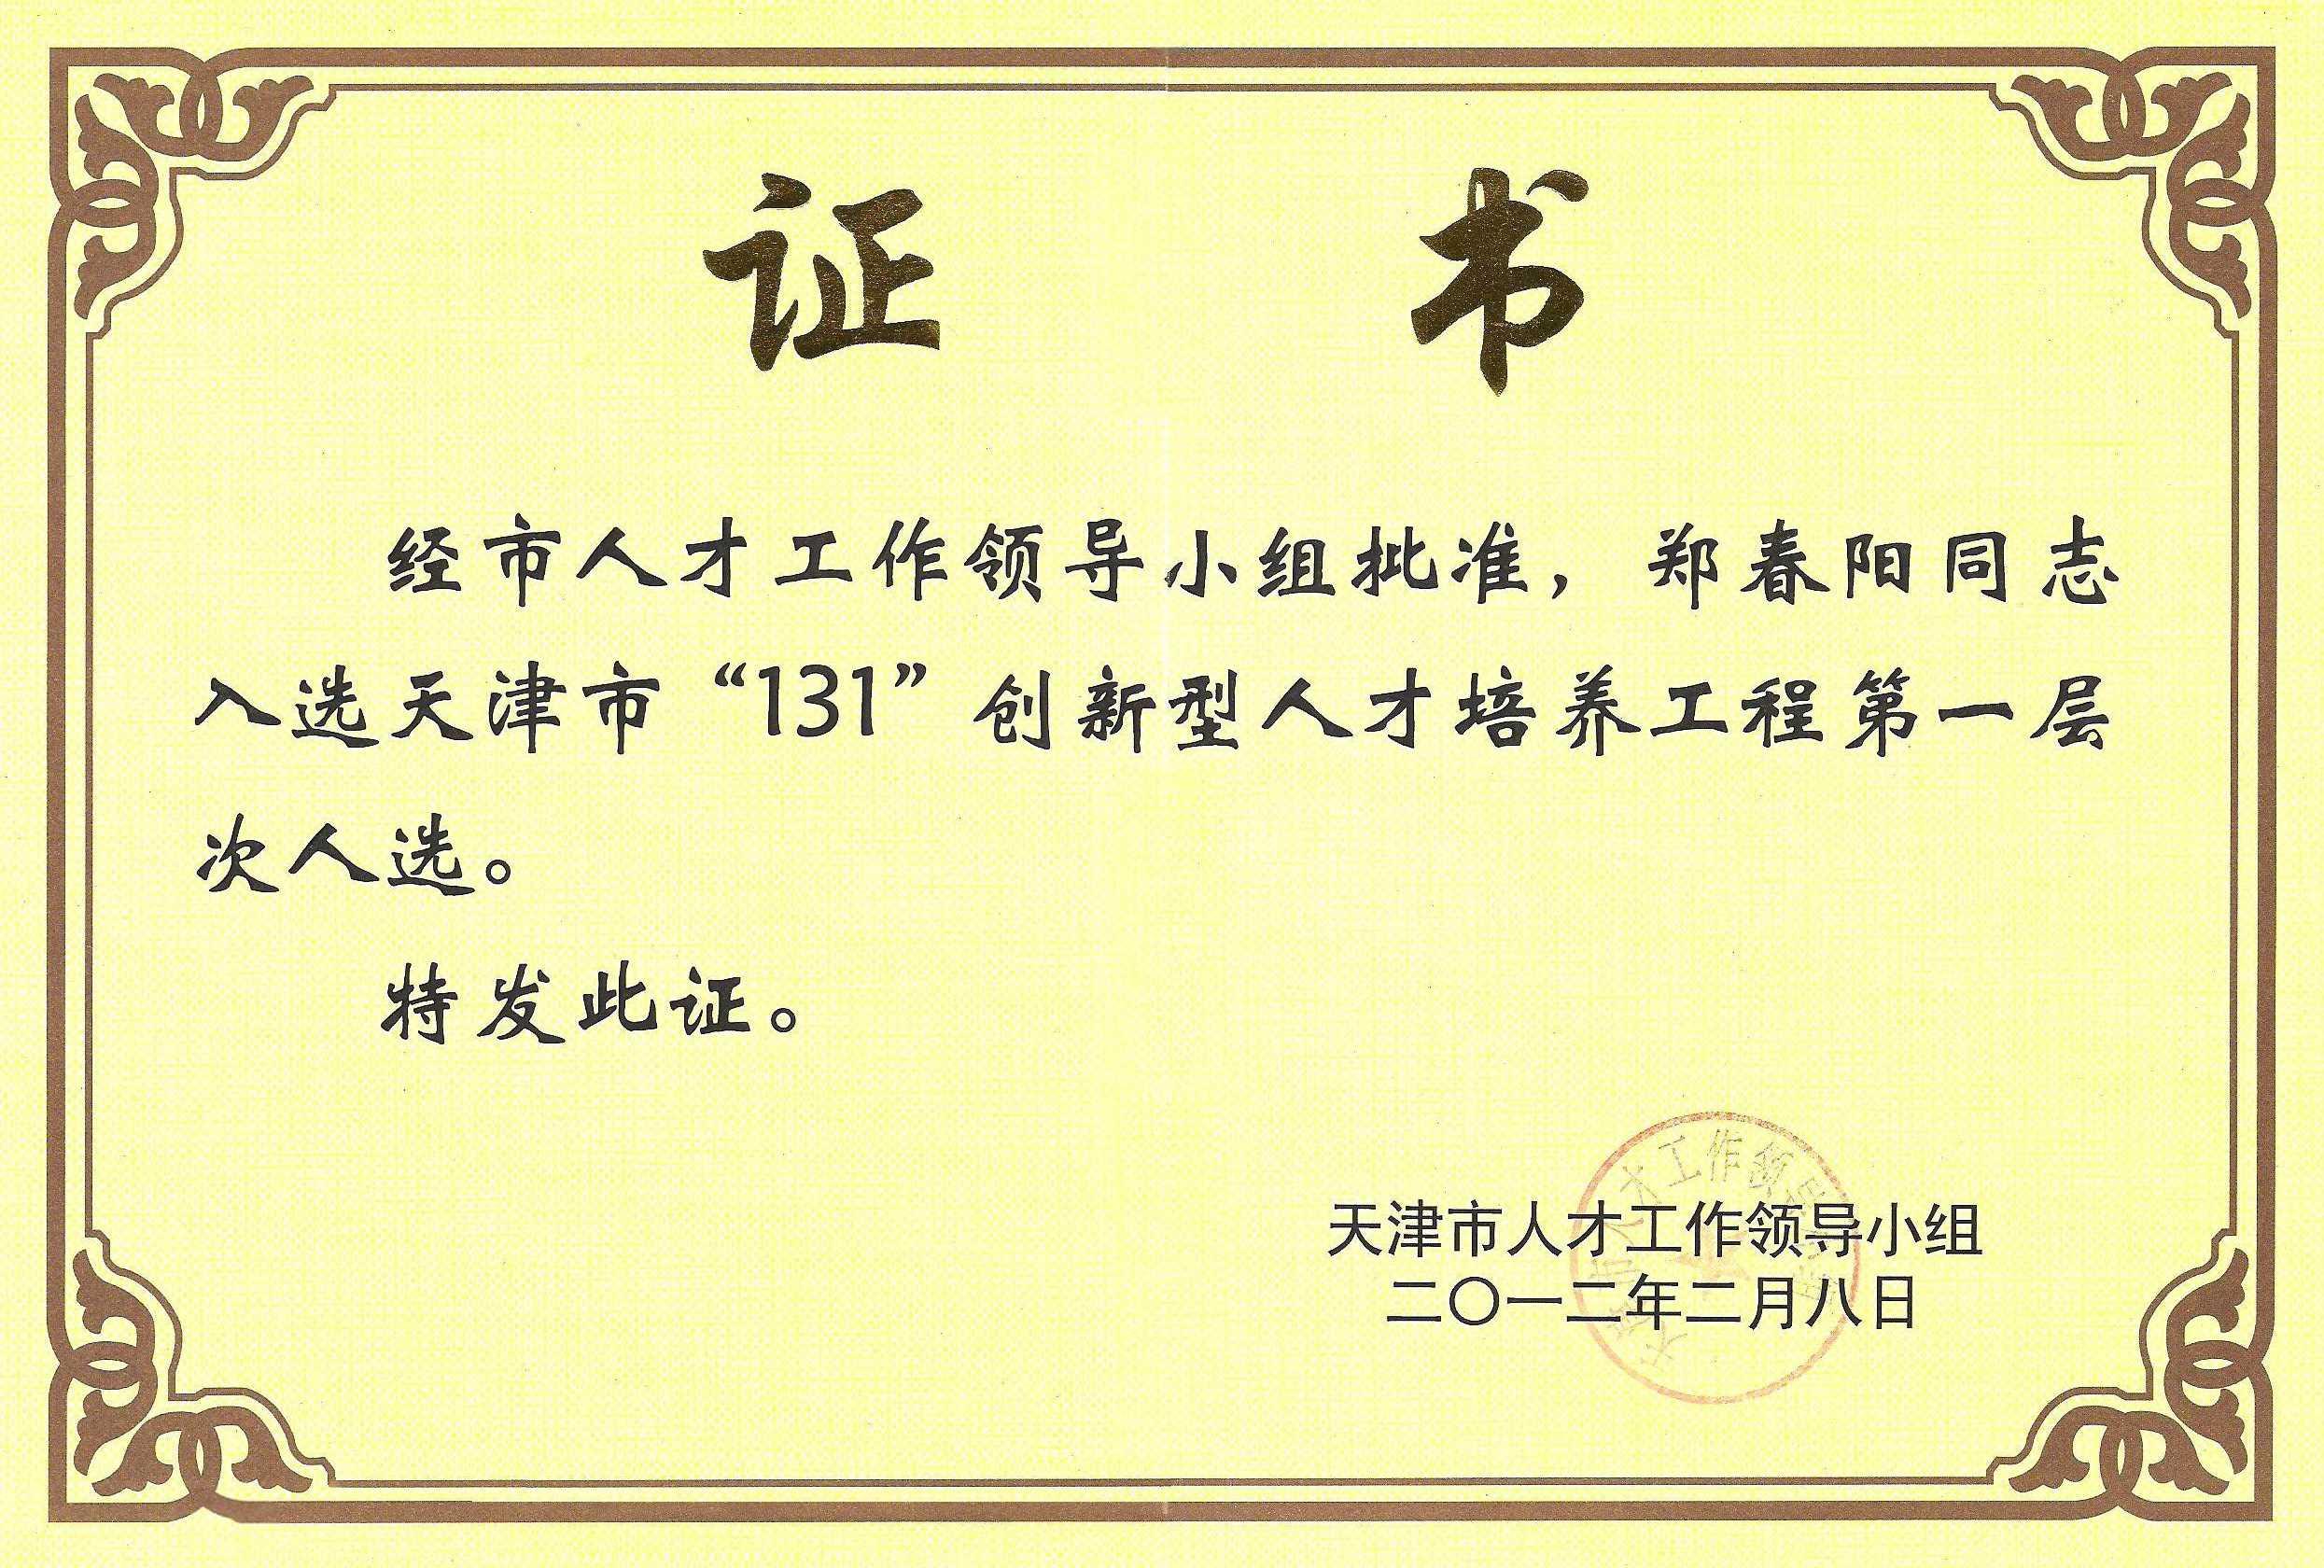 公司榮譽-131人才證書